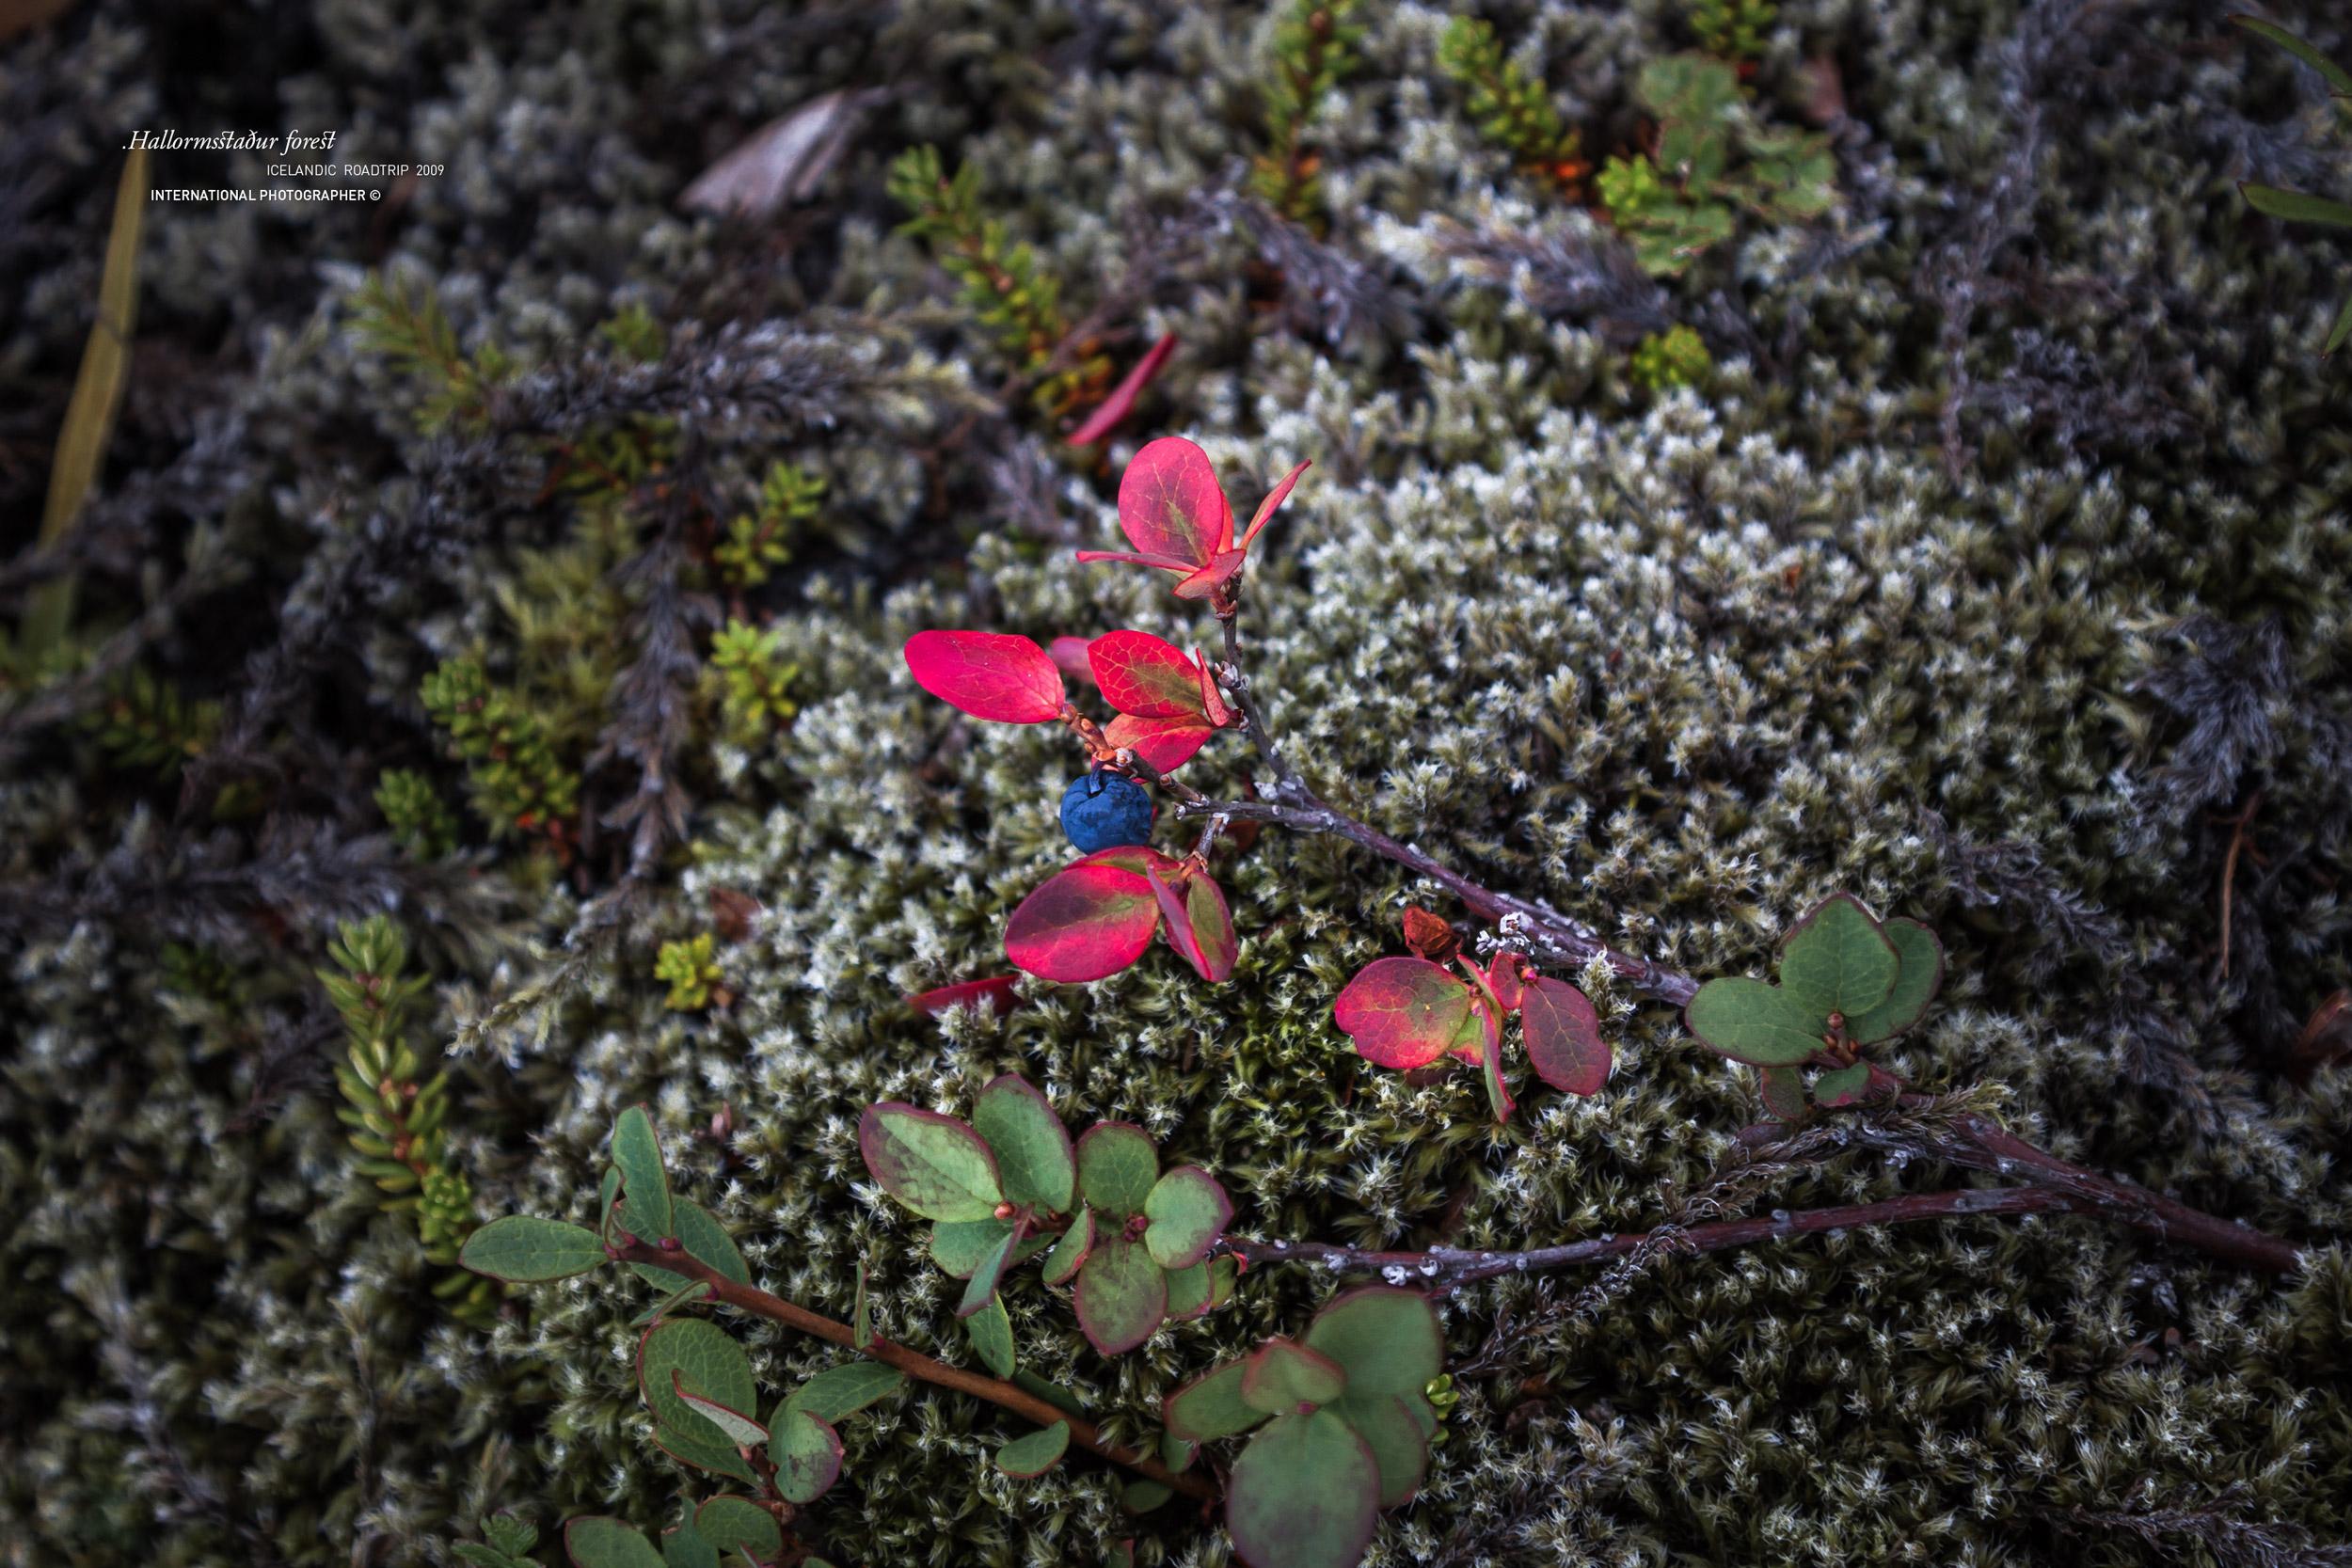 Baies de myrtilles dans la forêt d'Hallormsstadur